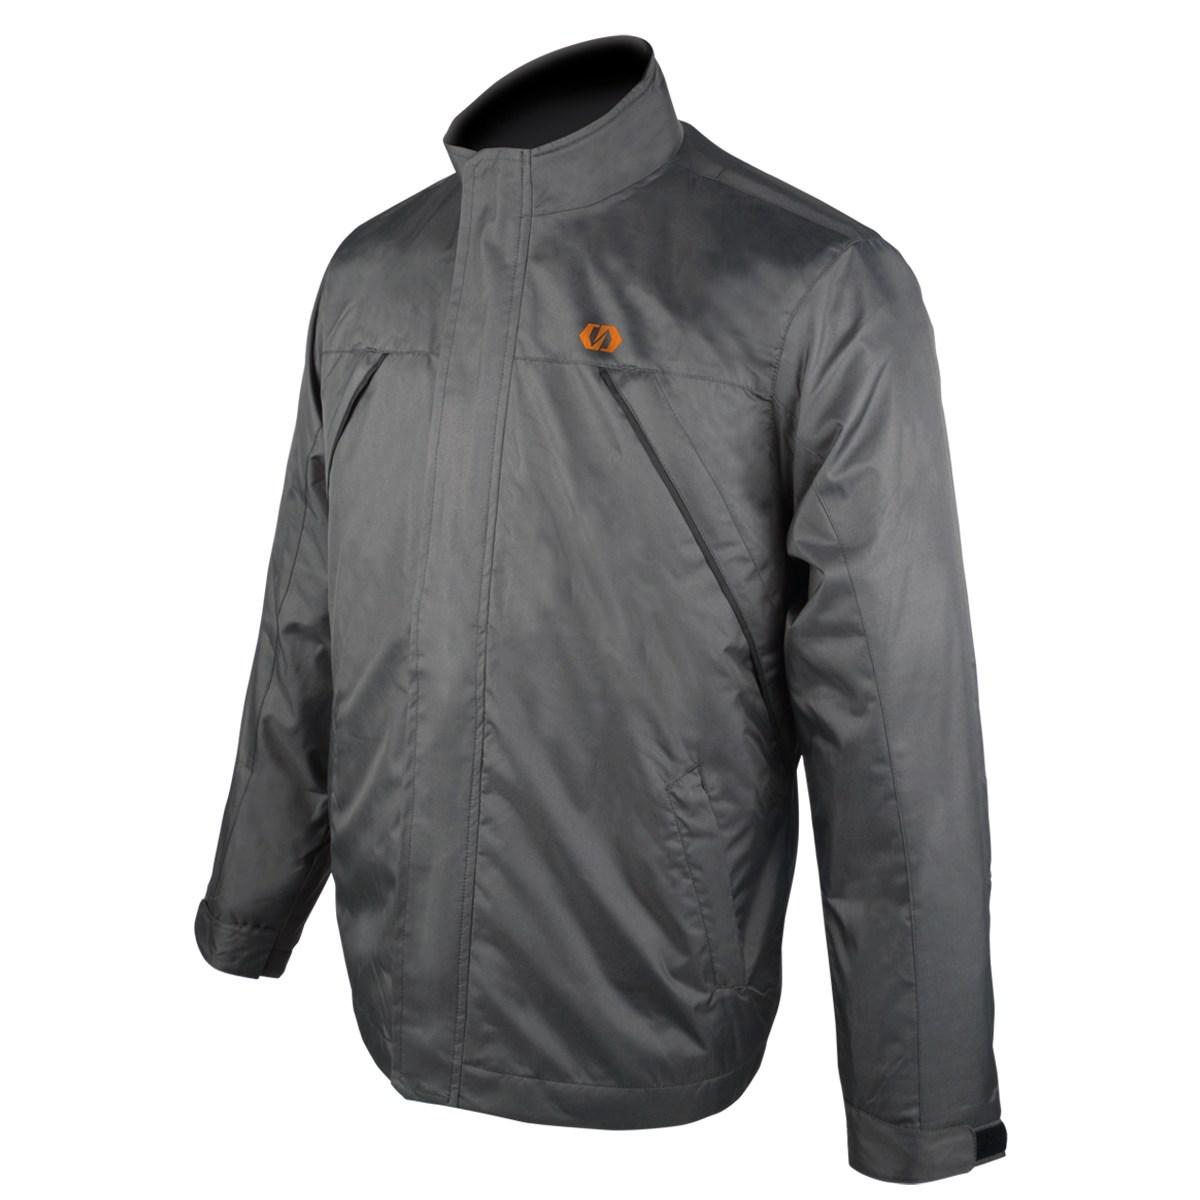 DFG DG2365-1505 ランバージャケット グレー/オレンジ Lサイズ ダートフリーク